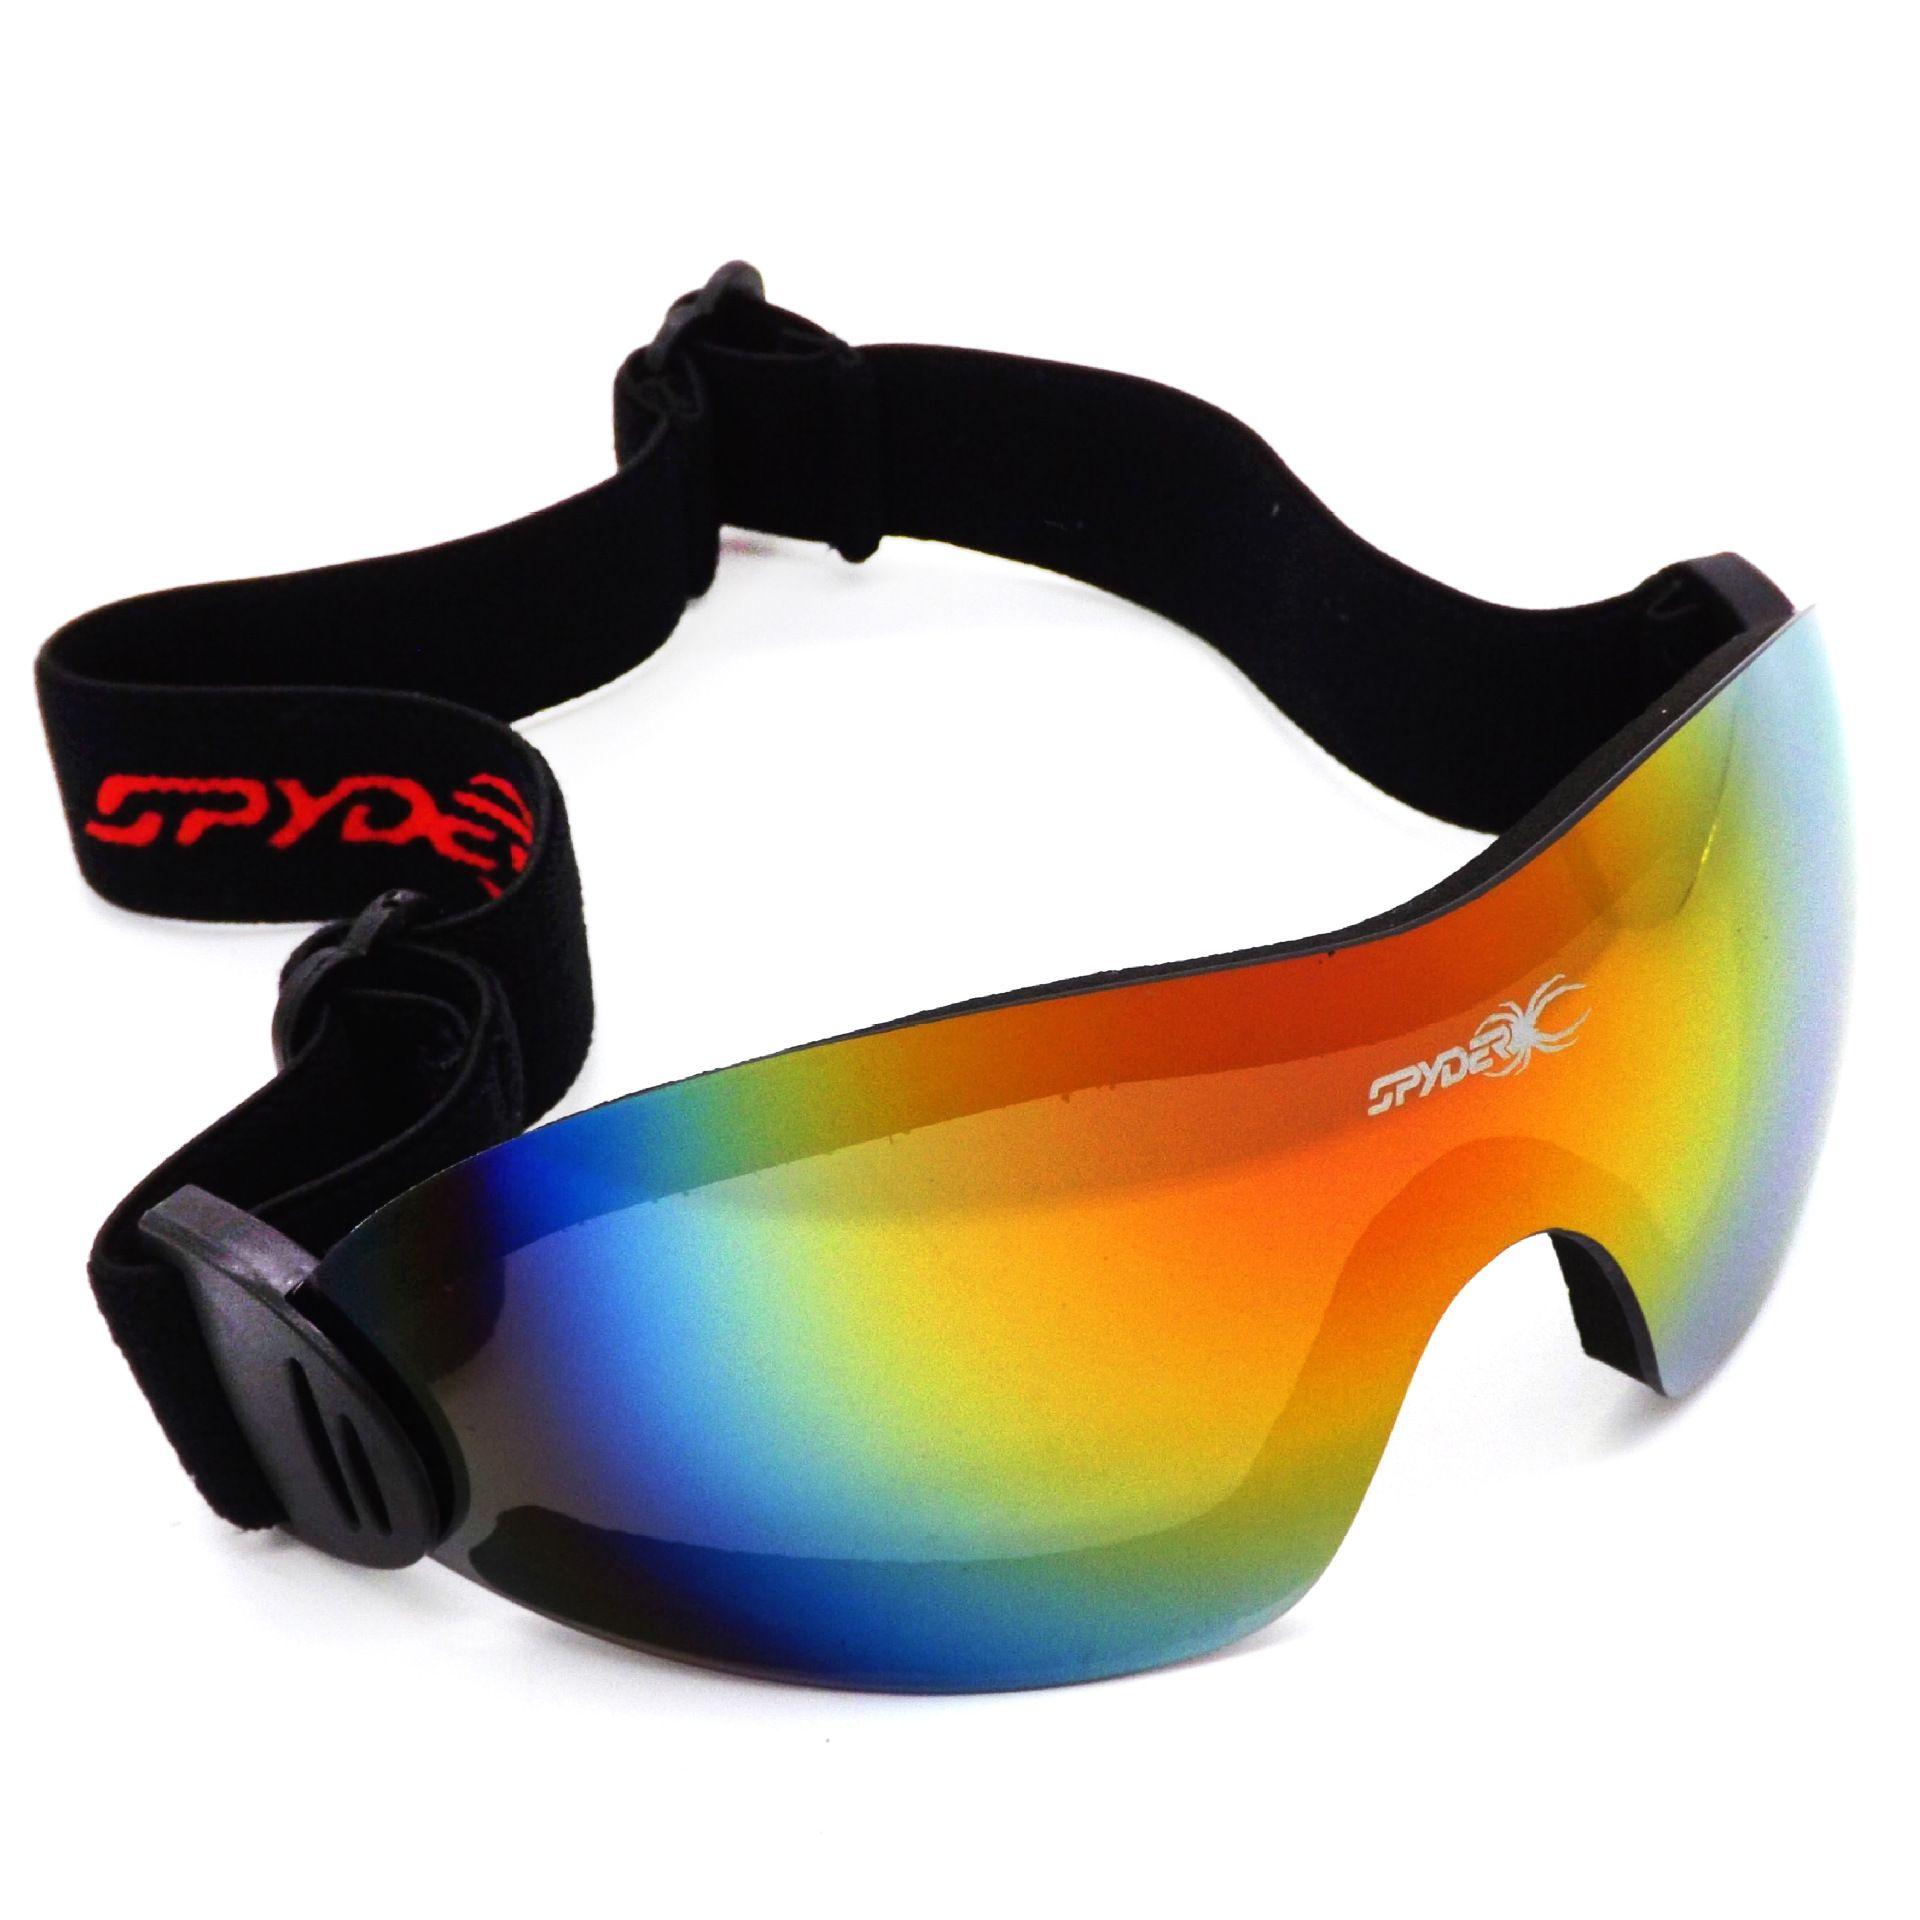 Hot sales womens Ski glasses High Quality Mans Sunglasses Sports cycling windbreak Sunglasses Ski Sports Sun glasses Ski goggles TESIA